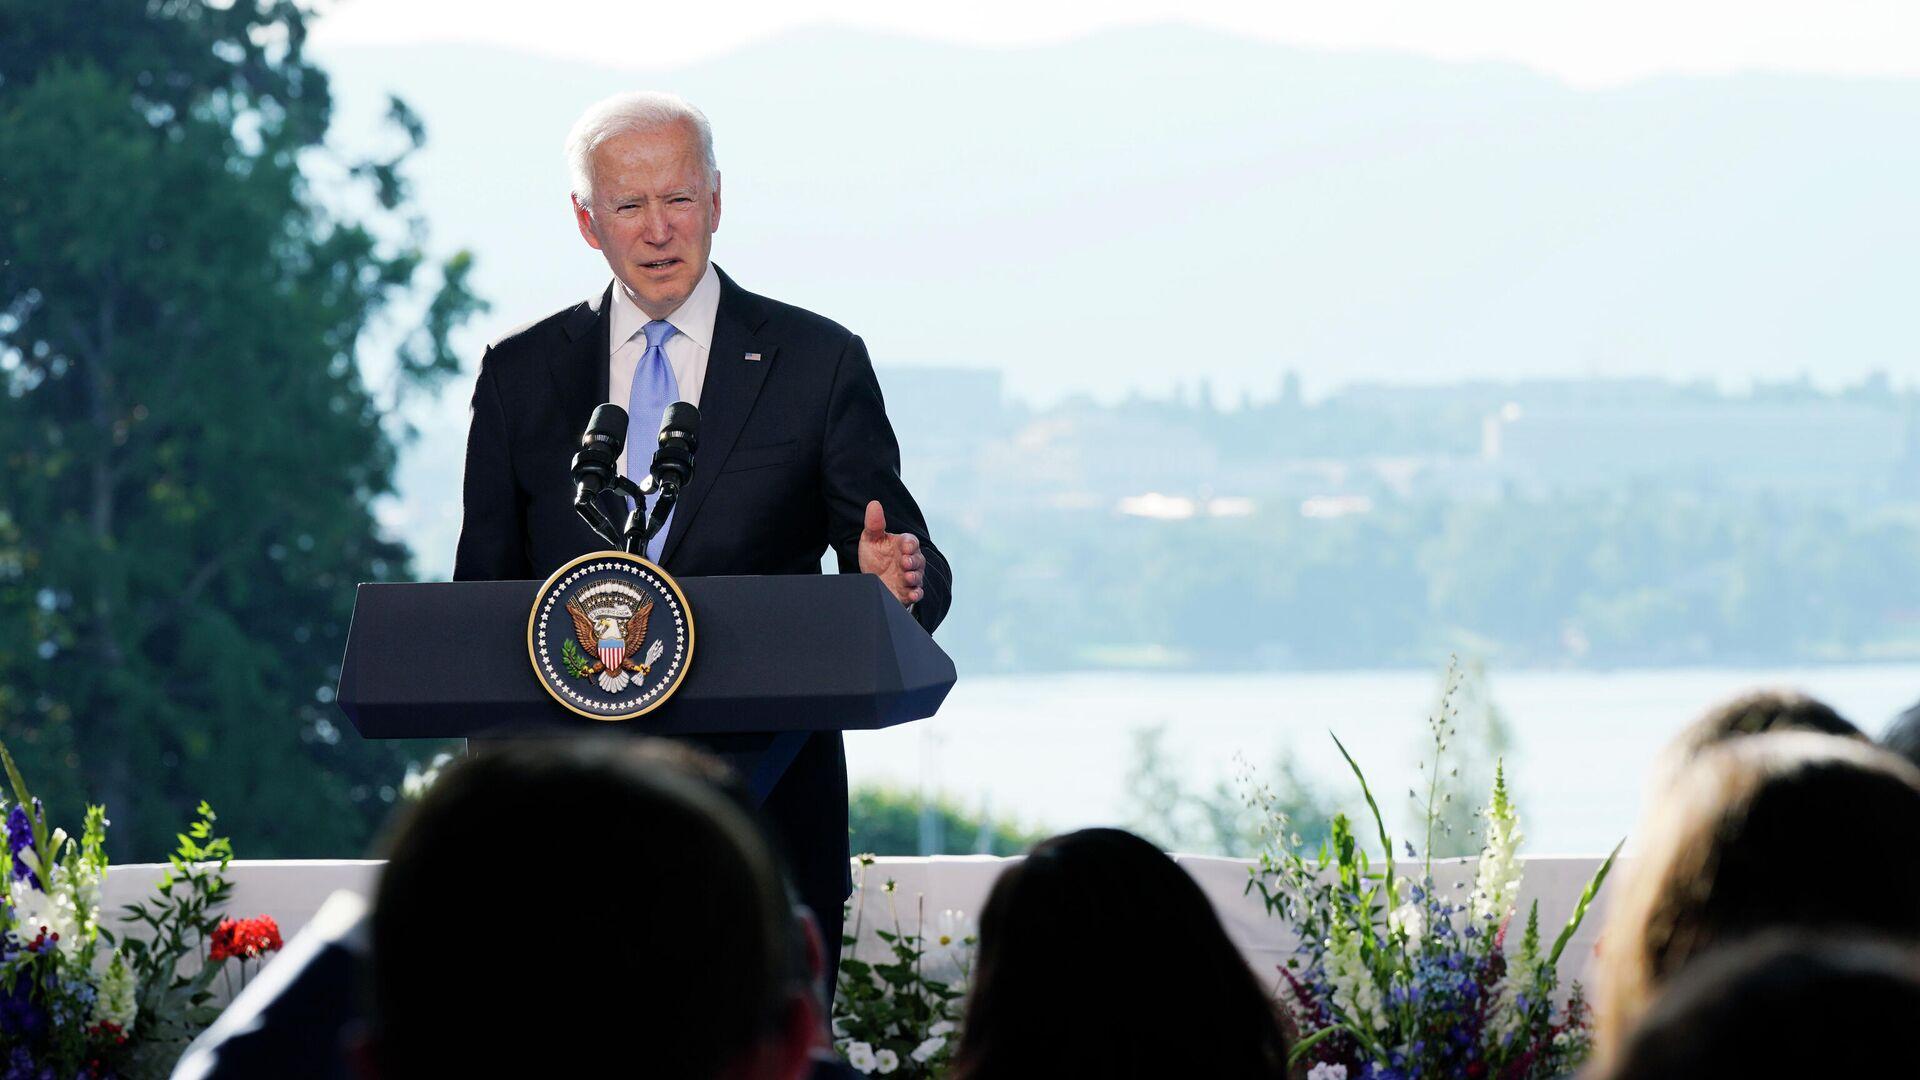 Президент США Джо Байден на пресс-конференции по итогам переговоров с президентом России  Владимиром Путиным в Женеве - РИА Новости, 1920, 16.06.2021